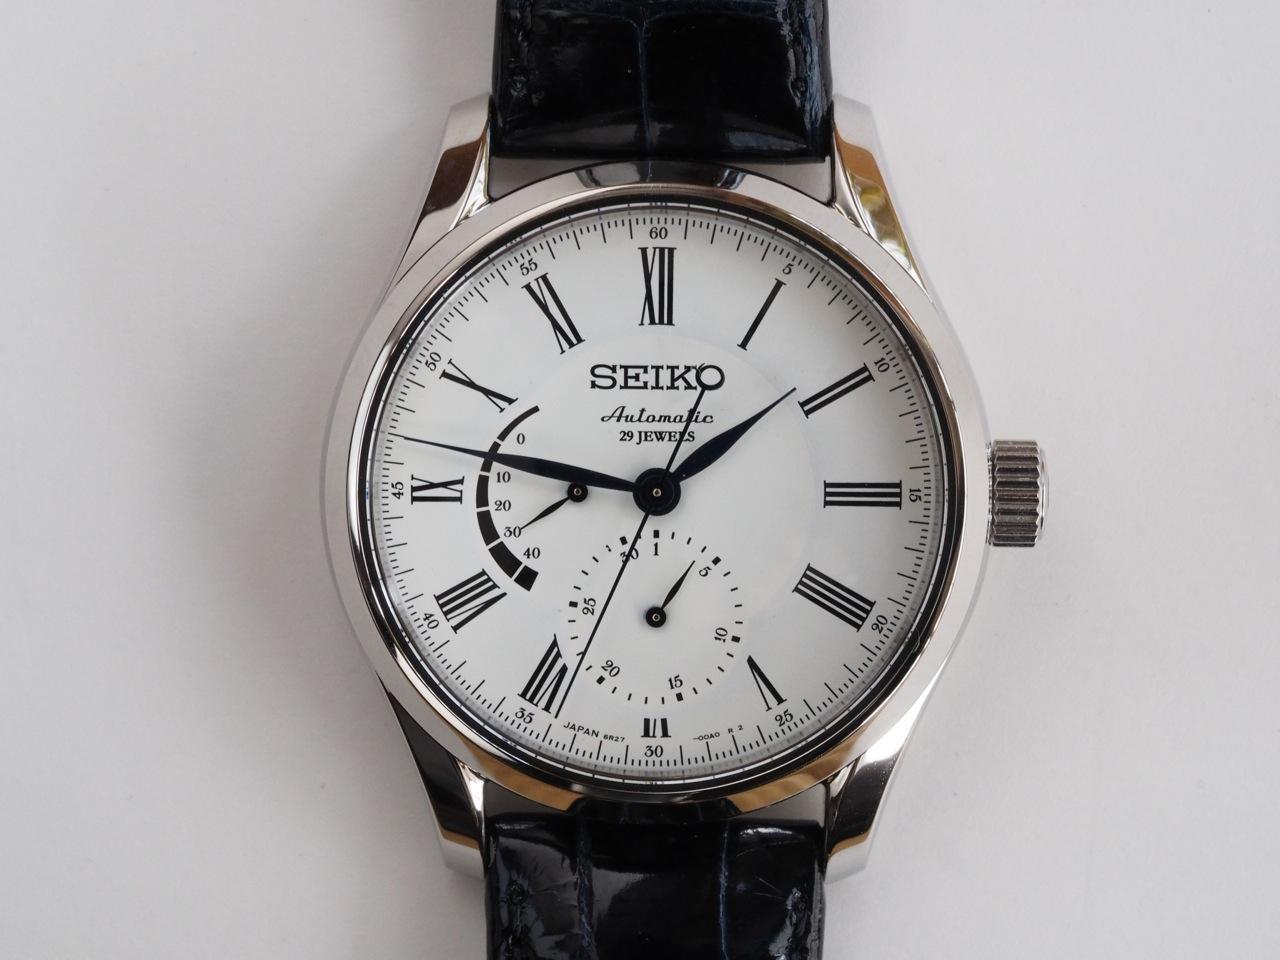 店頭に出る前に売り切れる不思議な腕時計